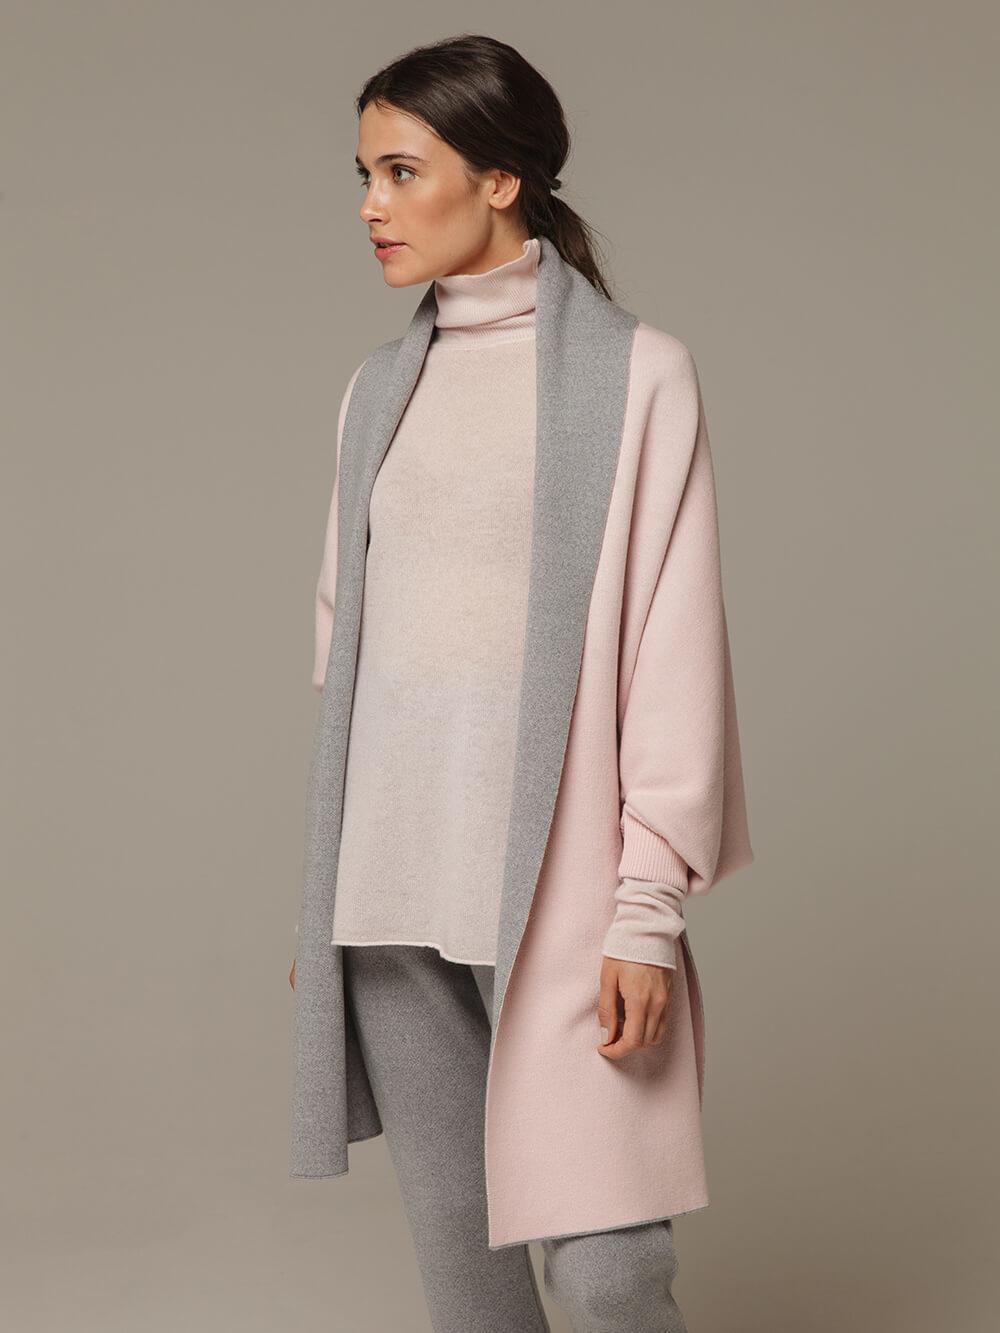 Женский шарф с рукавами и комбинацией розового и серого цветов из 100% шерсти - фото 1